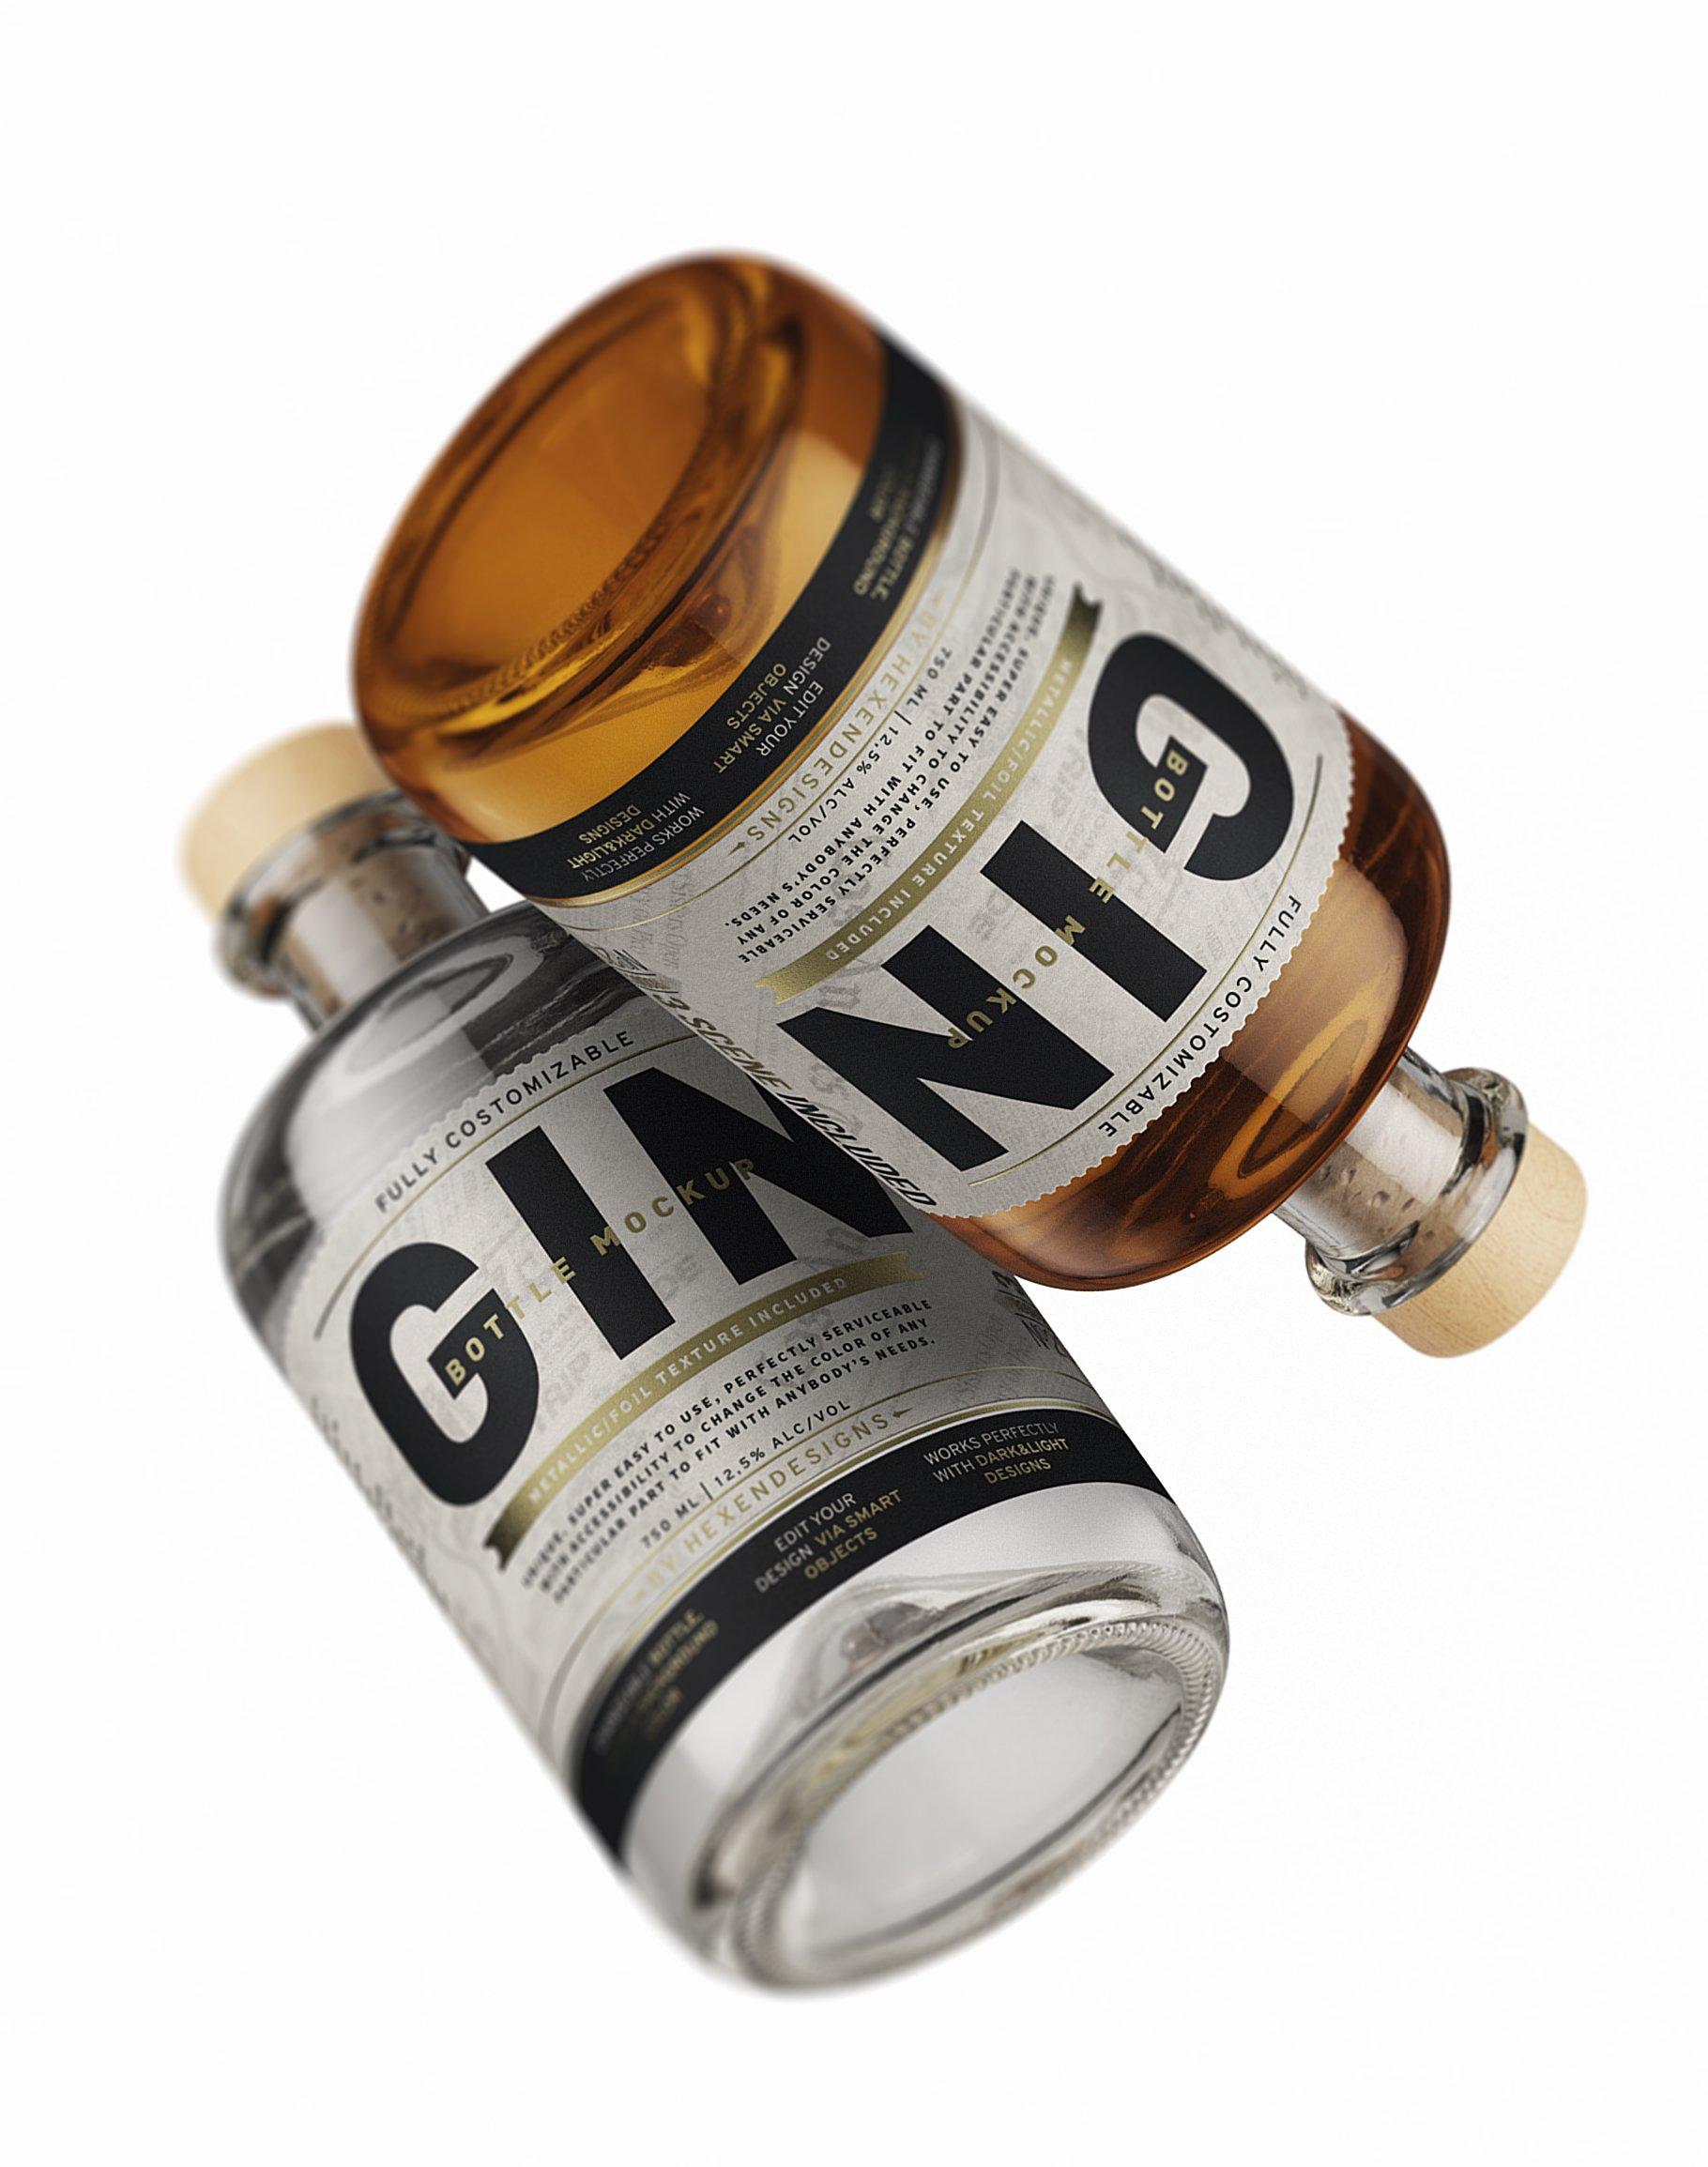 杜松子玻璃酒瓶标签设计展示样机模板 Gin Bottle Mockup插图(6)